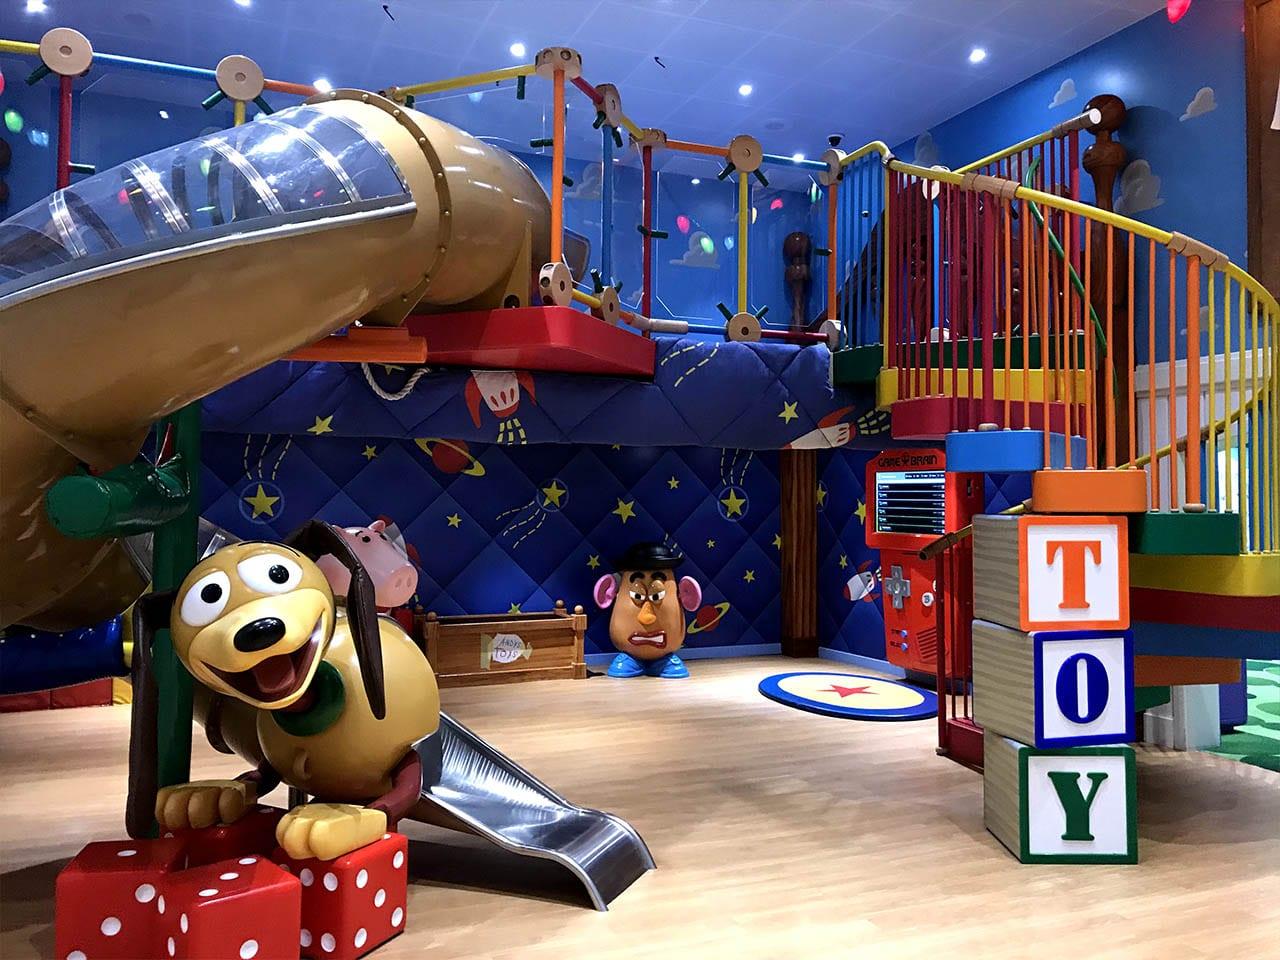 La salle de jeu à l'effigie de Toy Story, idéale pour les petites et complètement immersive.